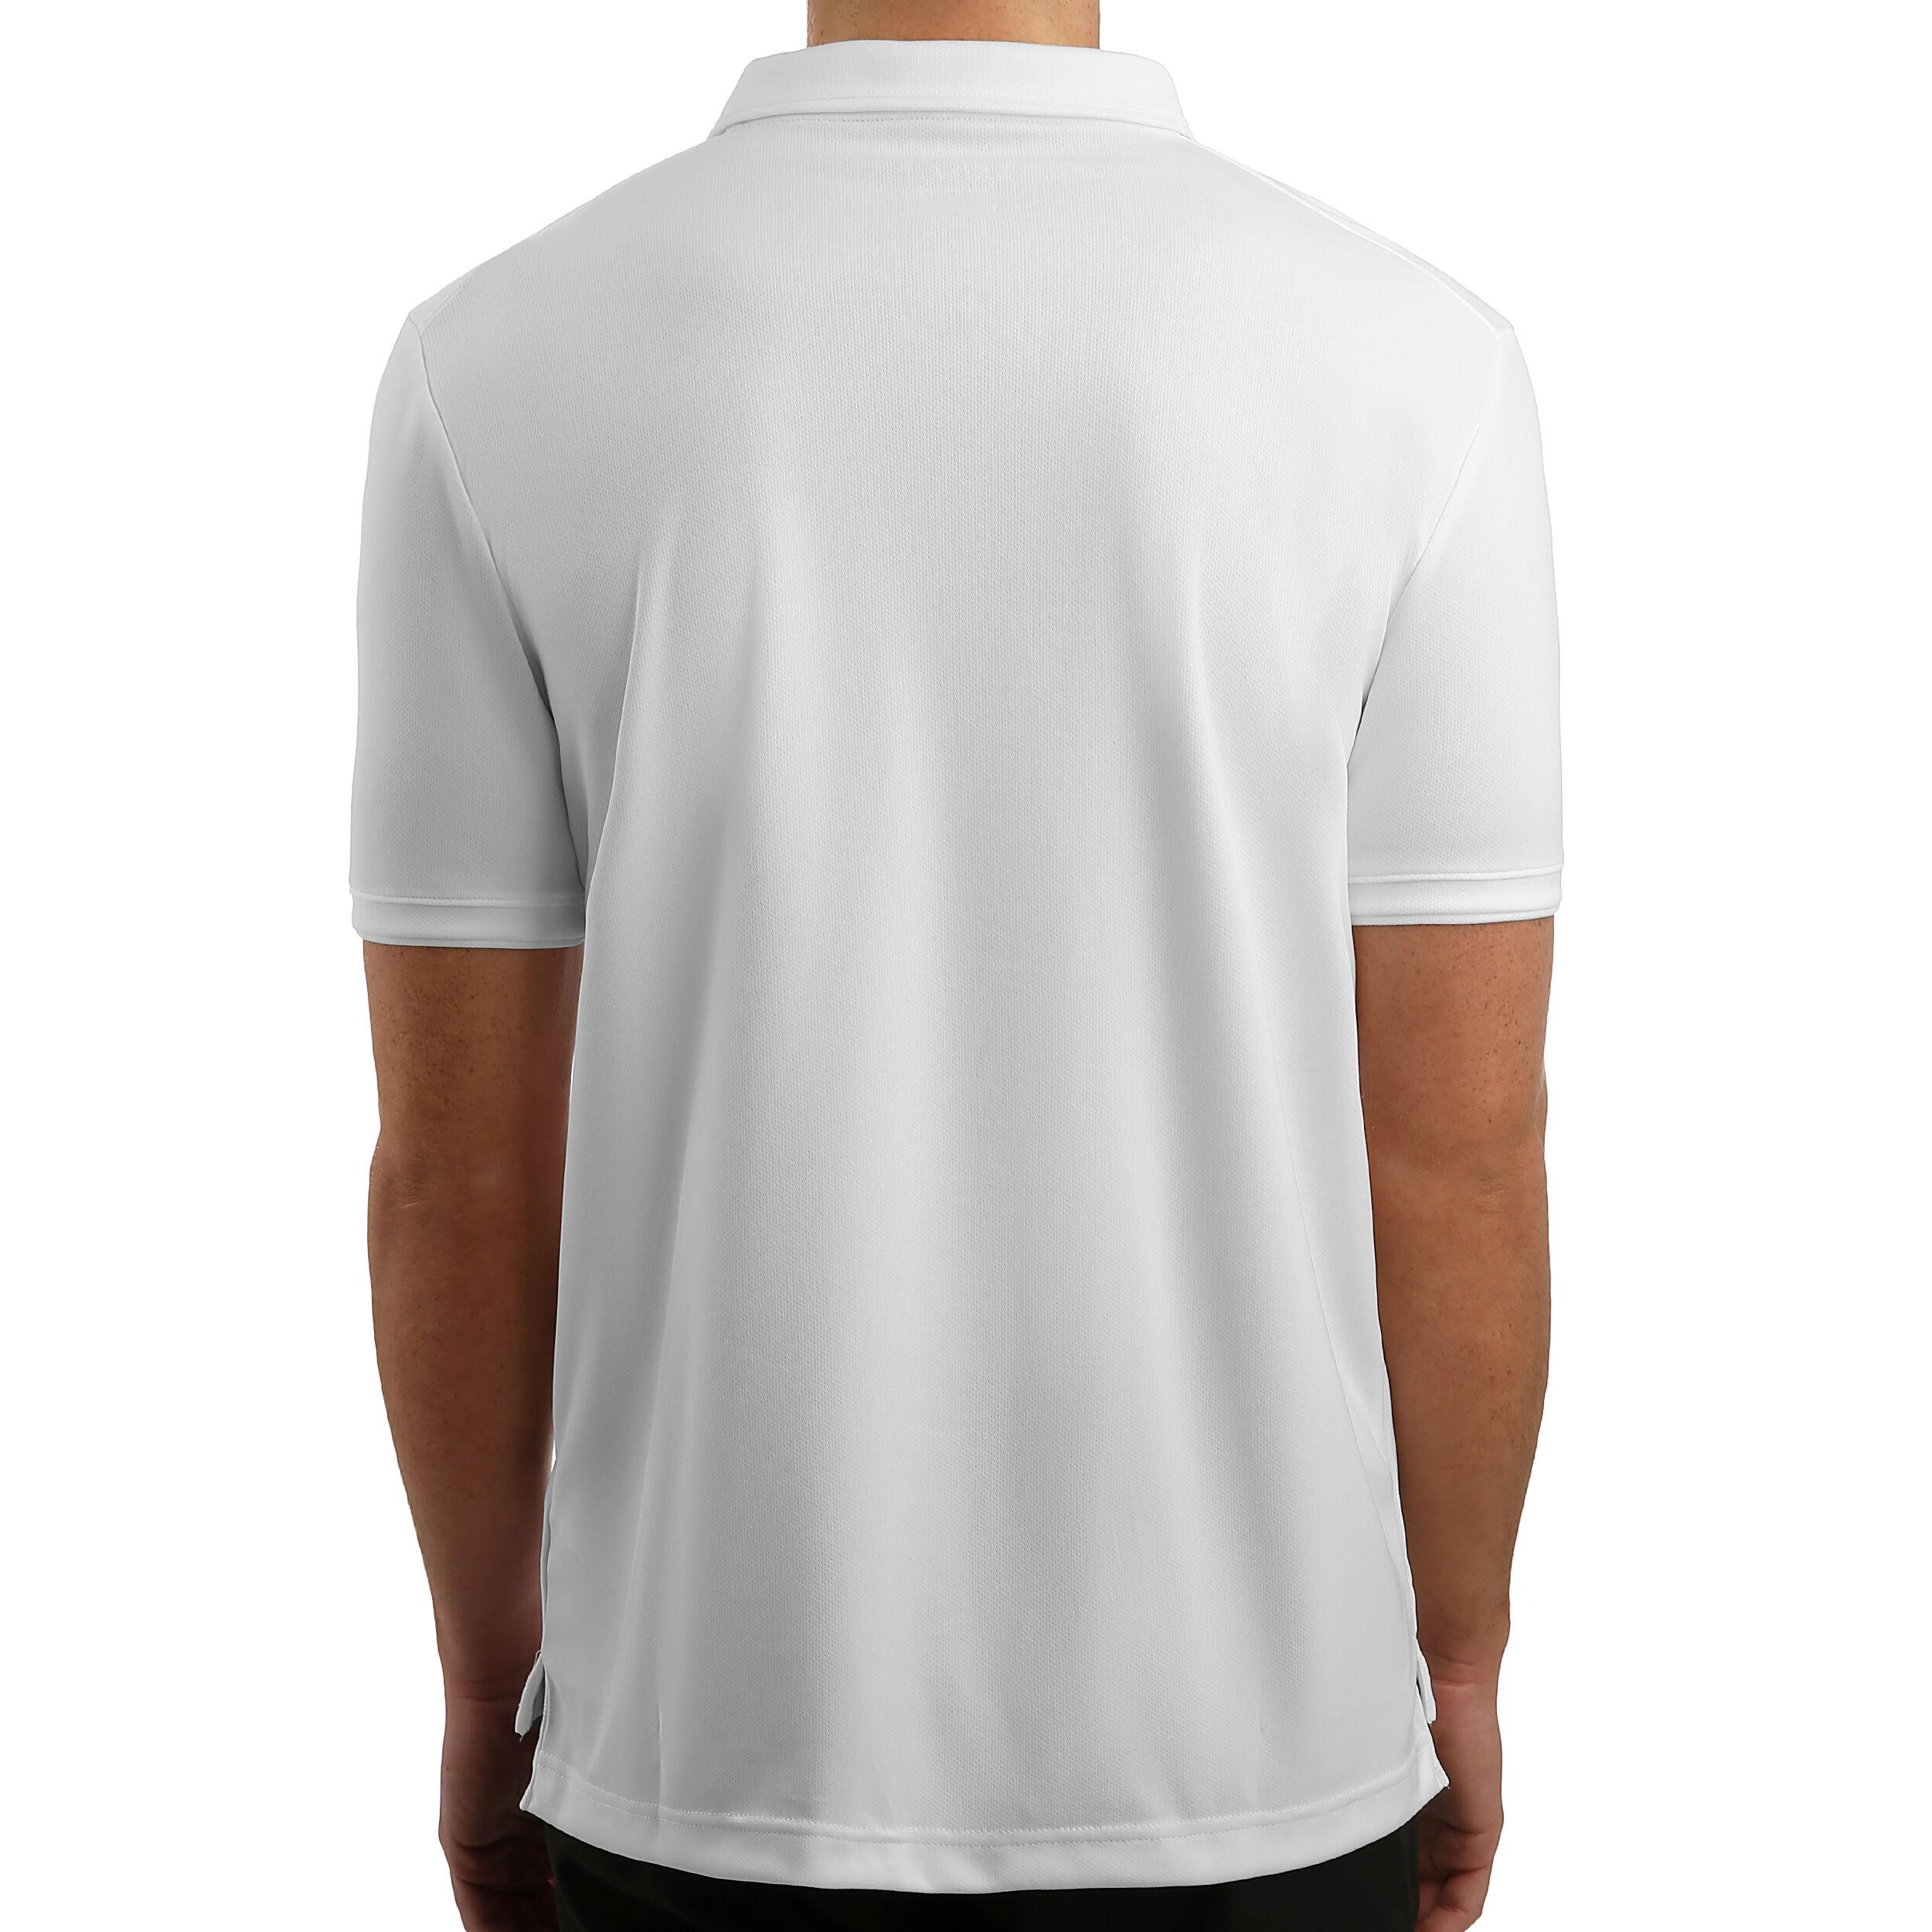 Nike Tennis Polos & Shirts für Herren günstig kaufen   eBay